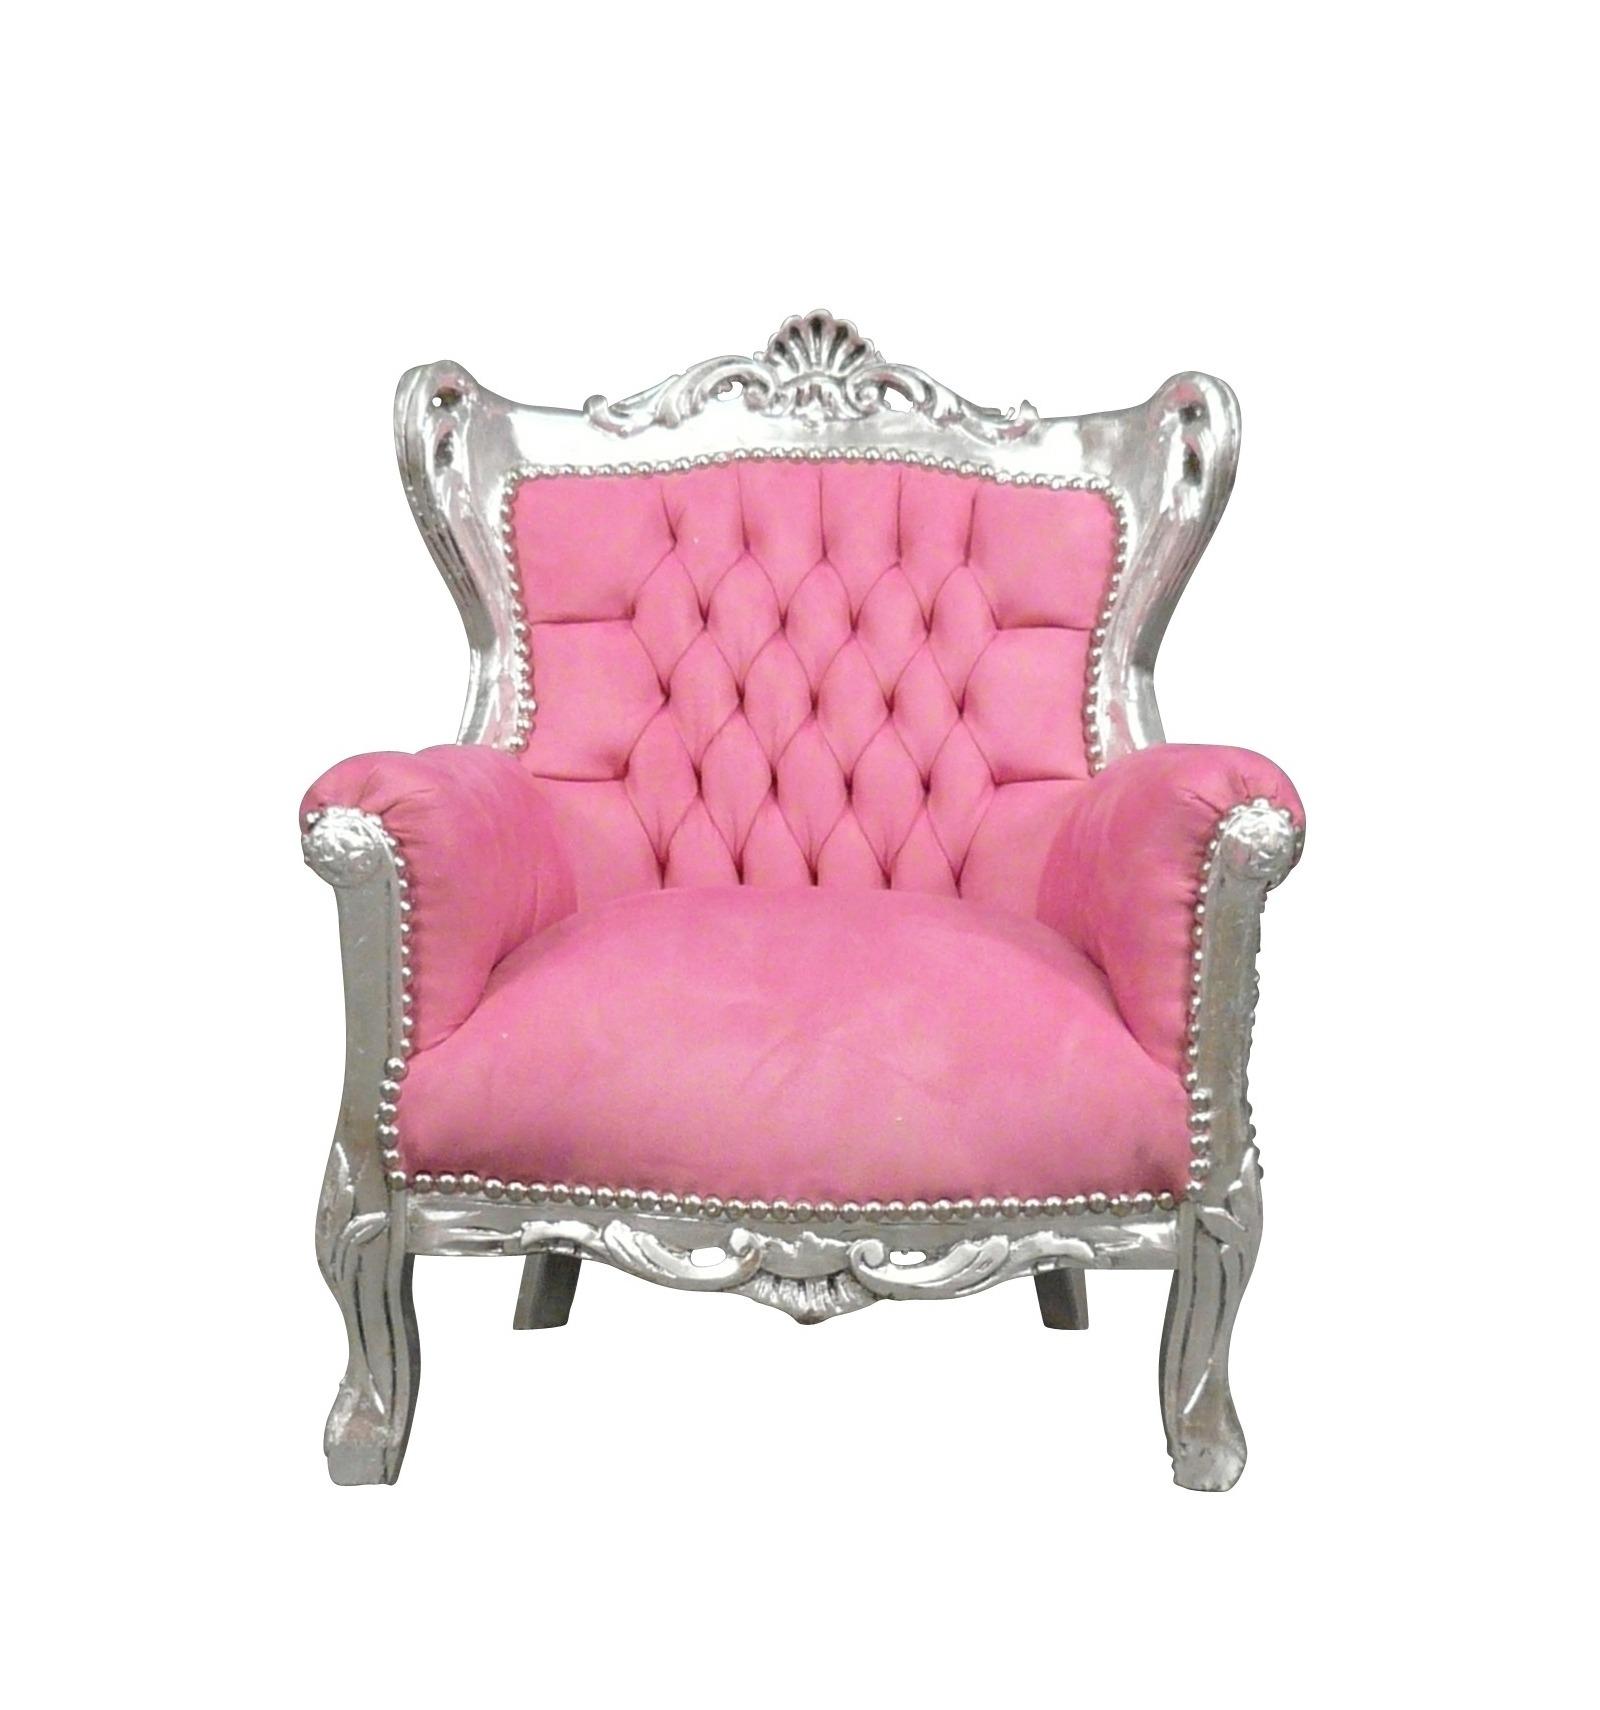 Zilveren Zitzak Stoel.Fauteuil Barok Roze En Zilver Stoelen En Art Deco Meubels